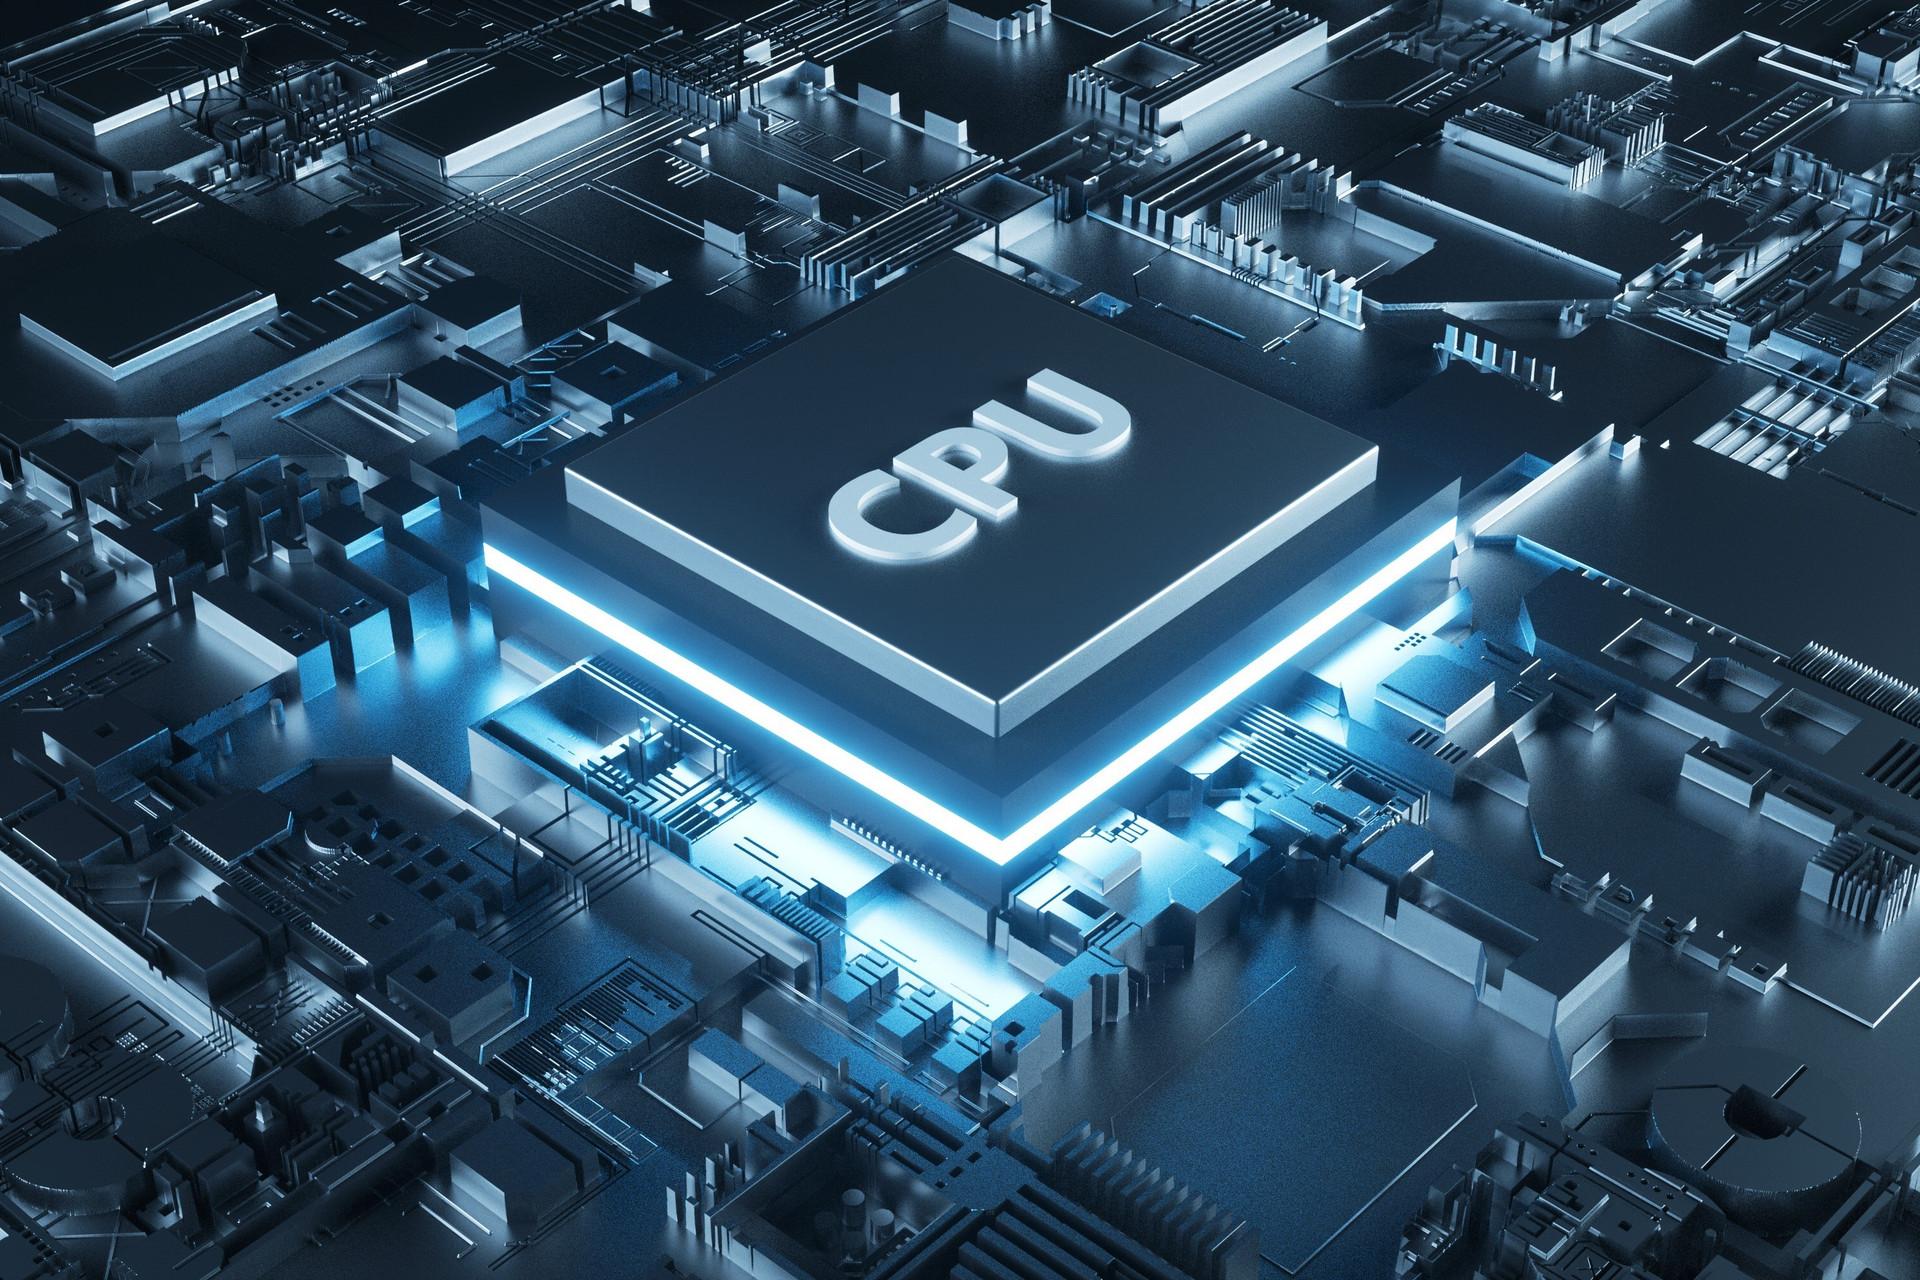 高端CIS芯片�⒂��砣必�甚至�q�r?